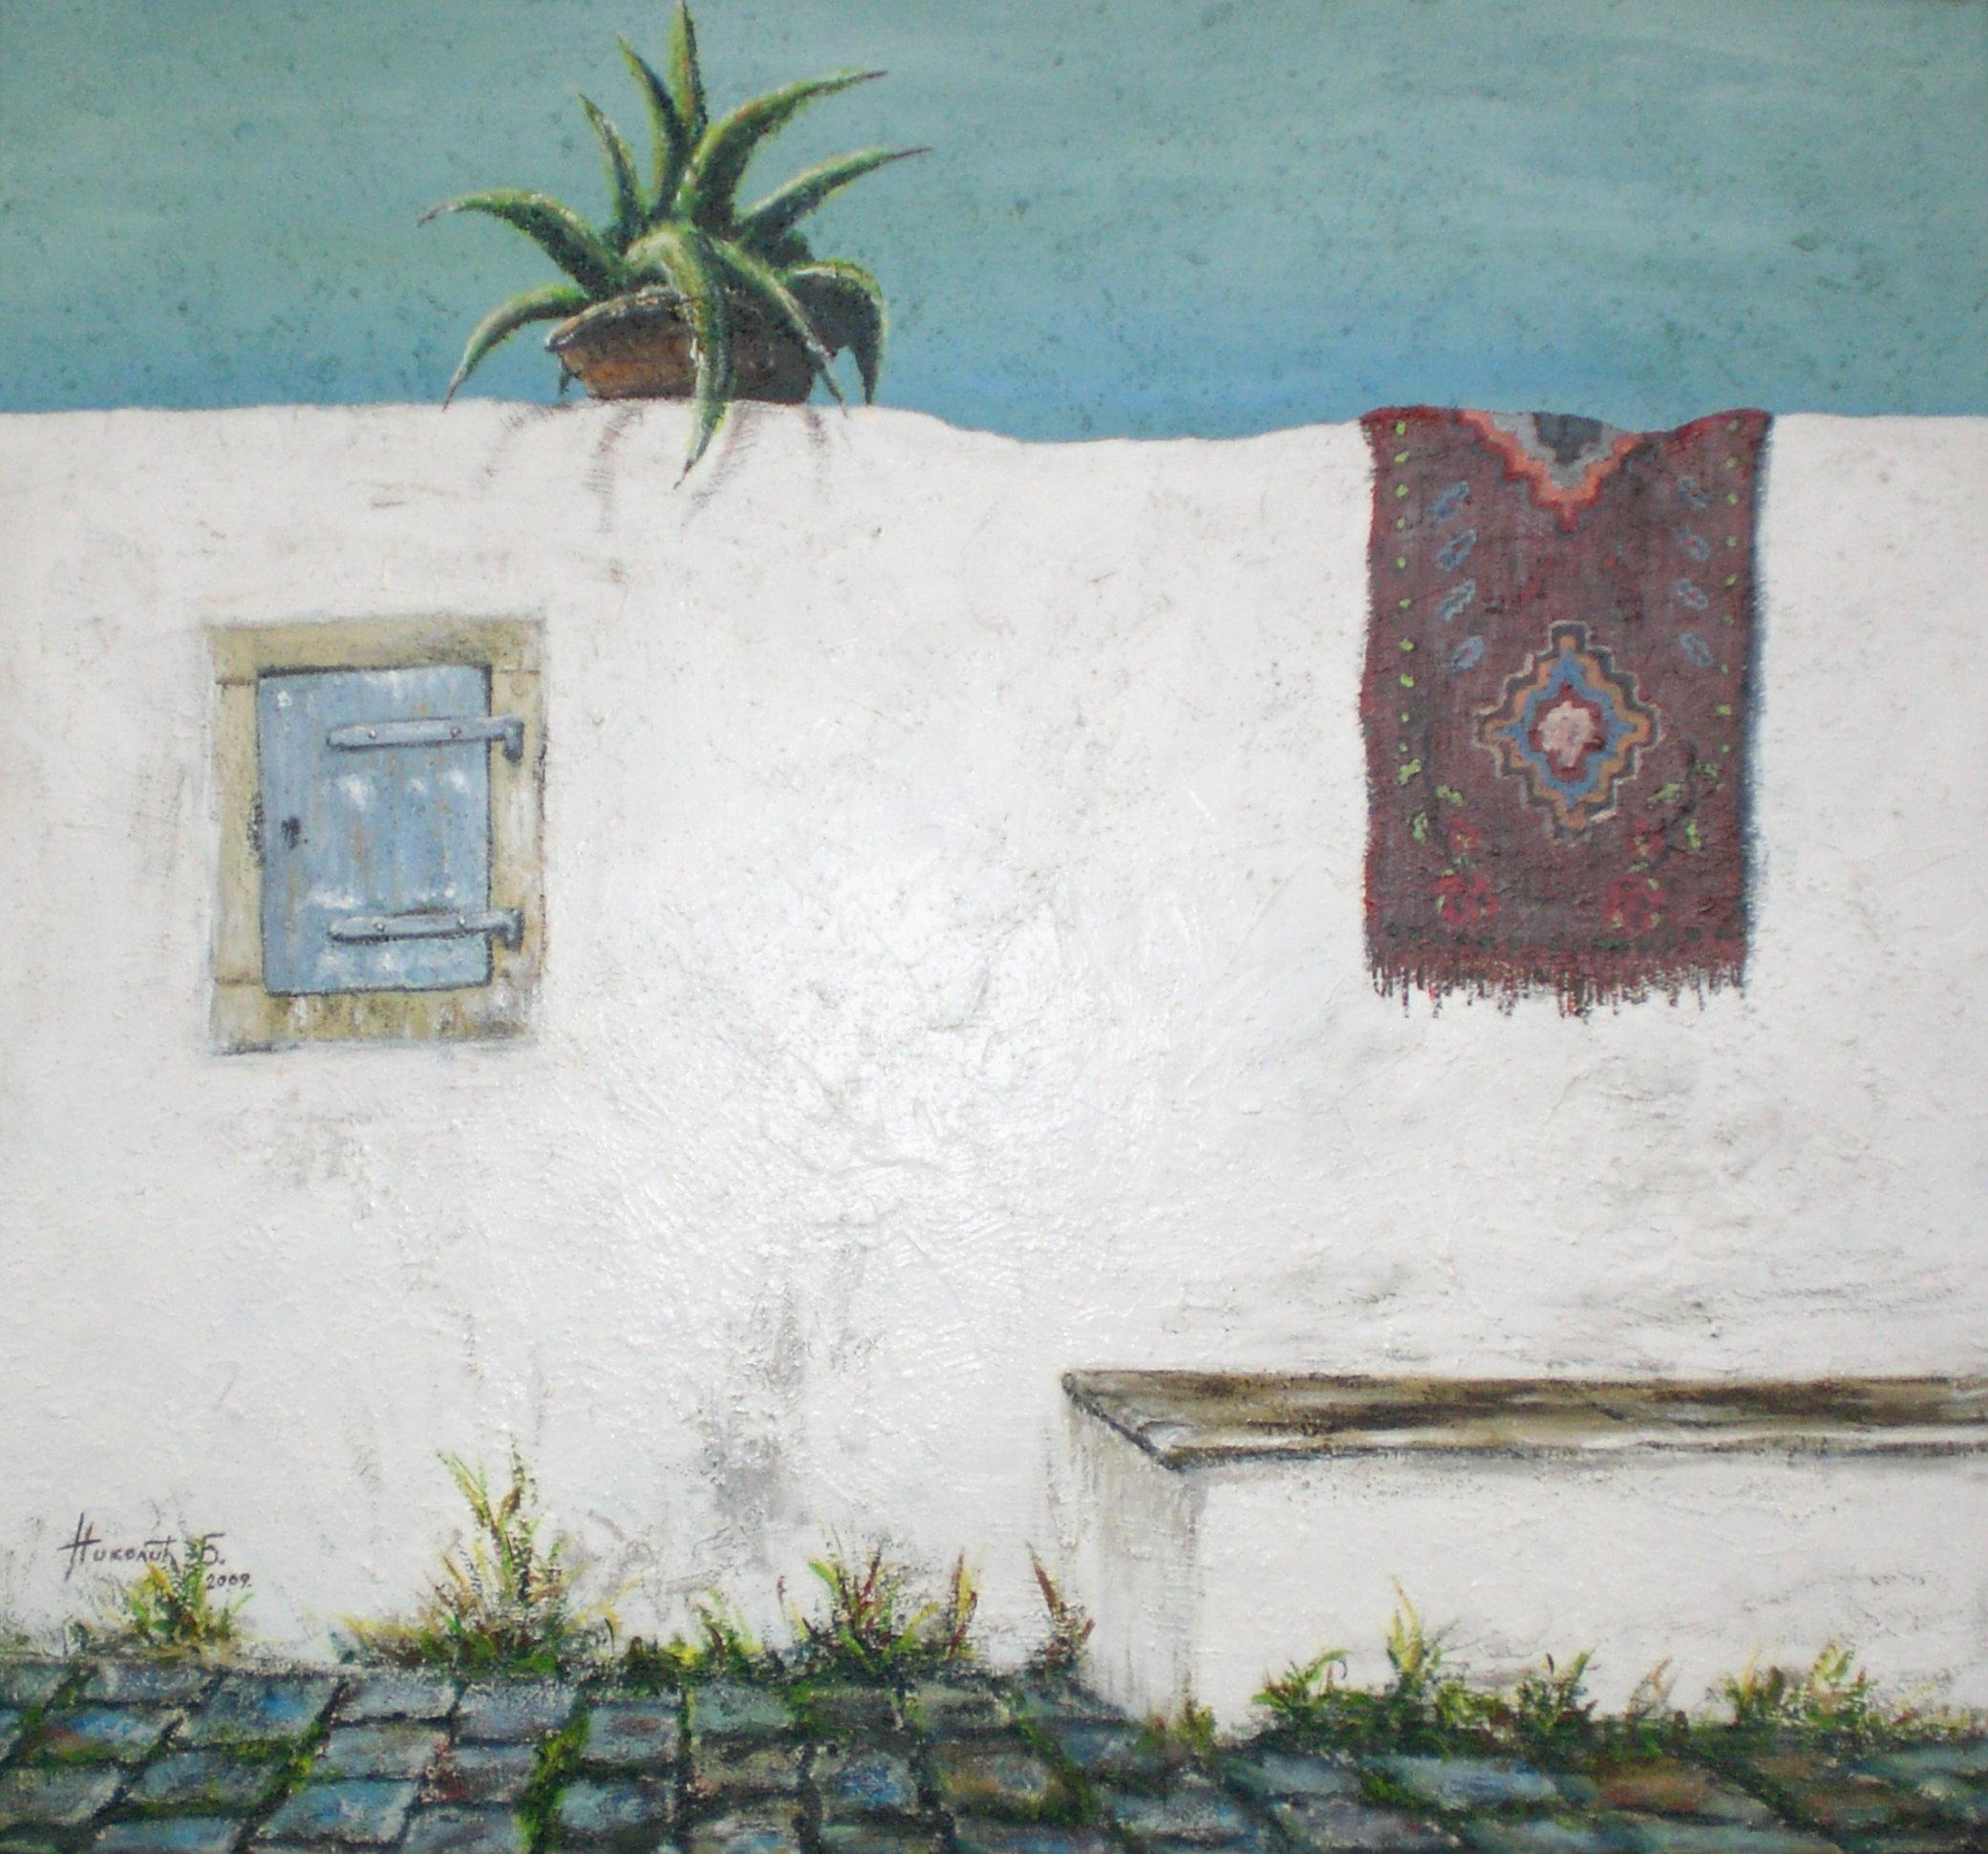 OHNE TITEL / BEZ NASLOVA